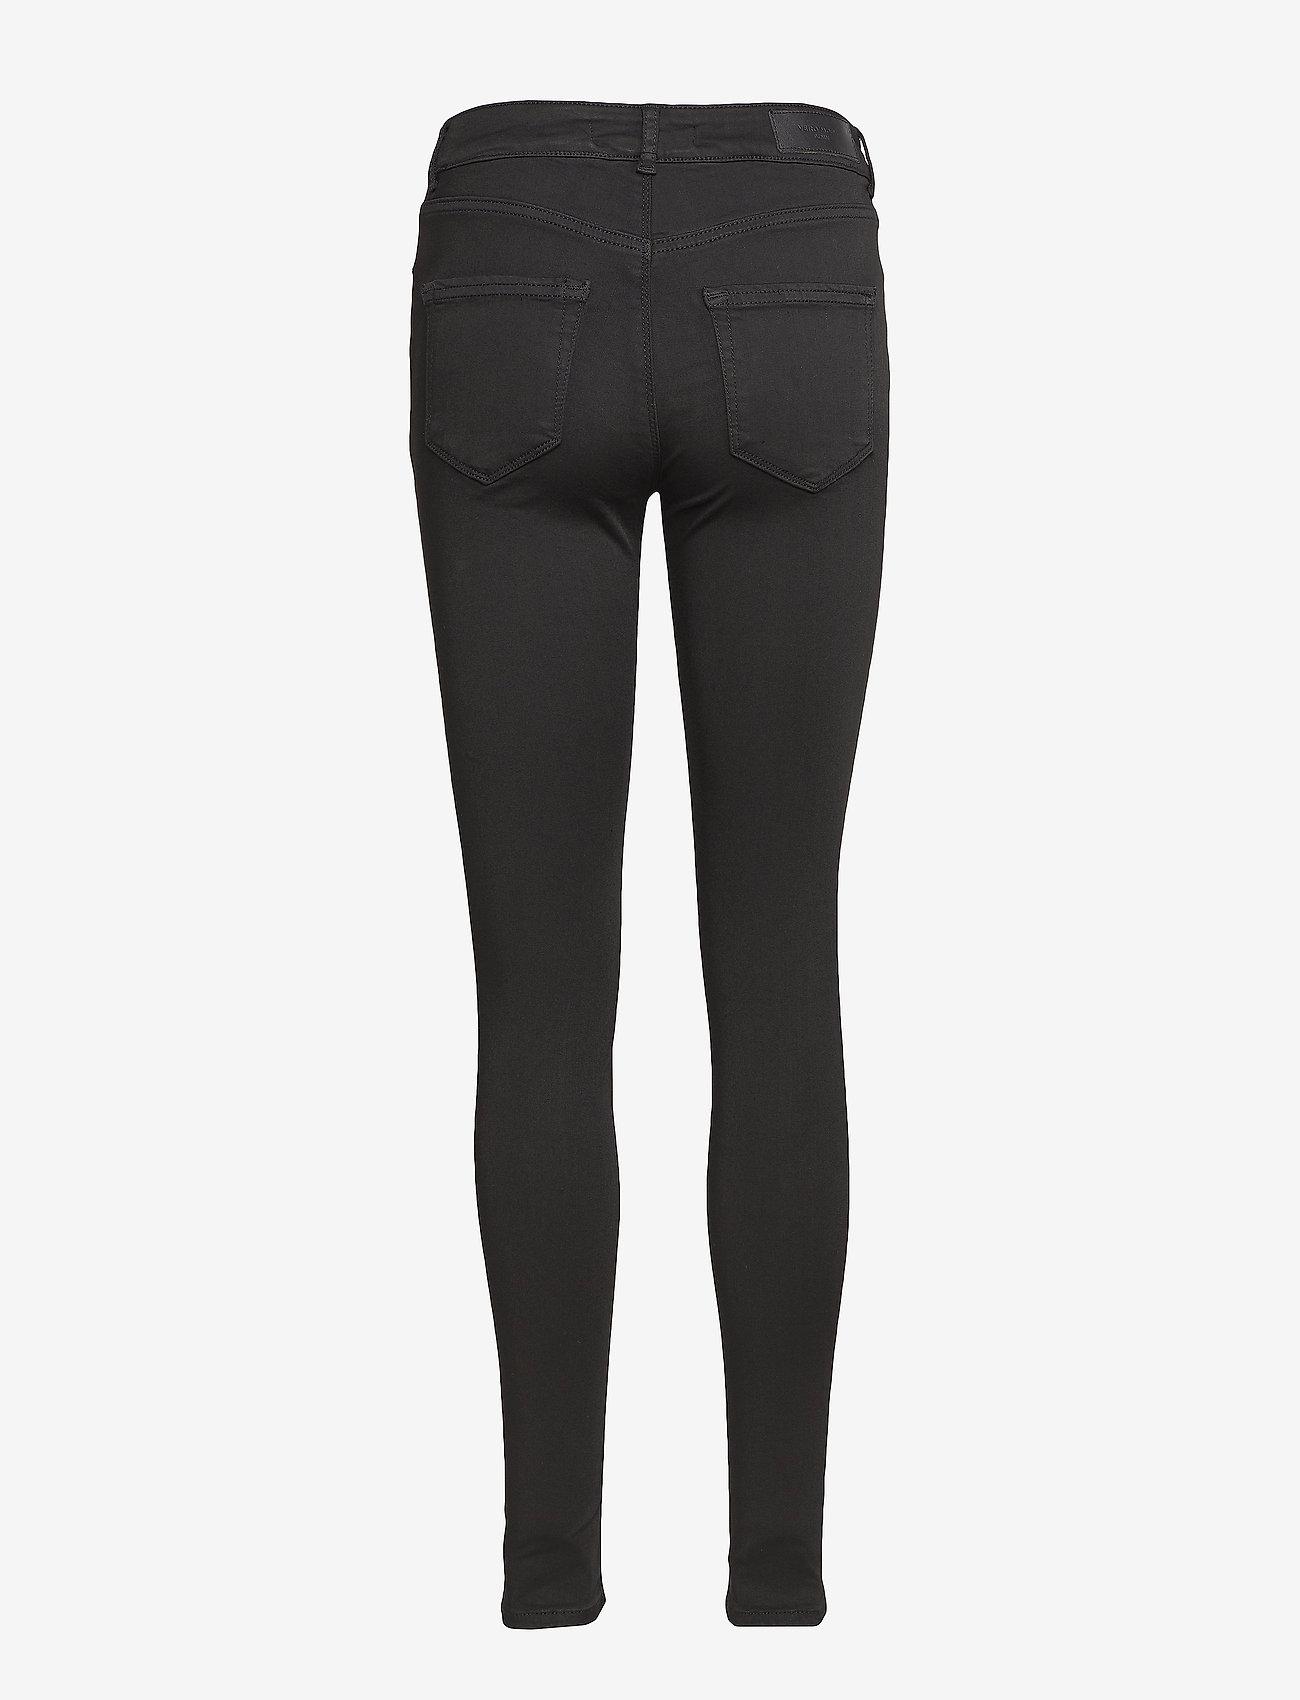 Vero Moda - VMLUX NW SUPER S JEANS BA037 GA - skinny jeans - black - 1